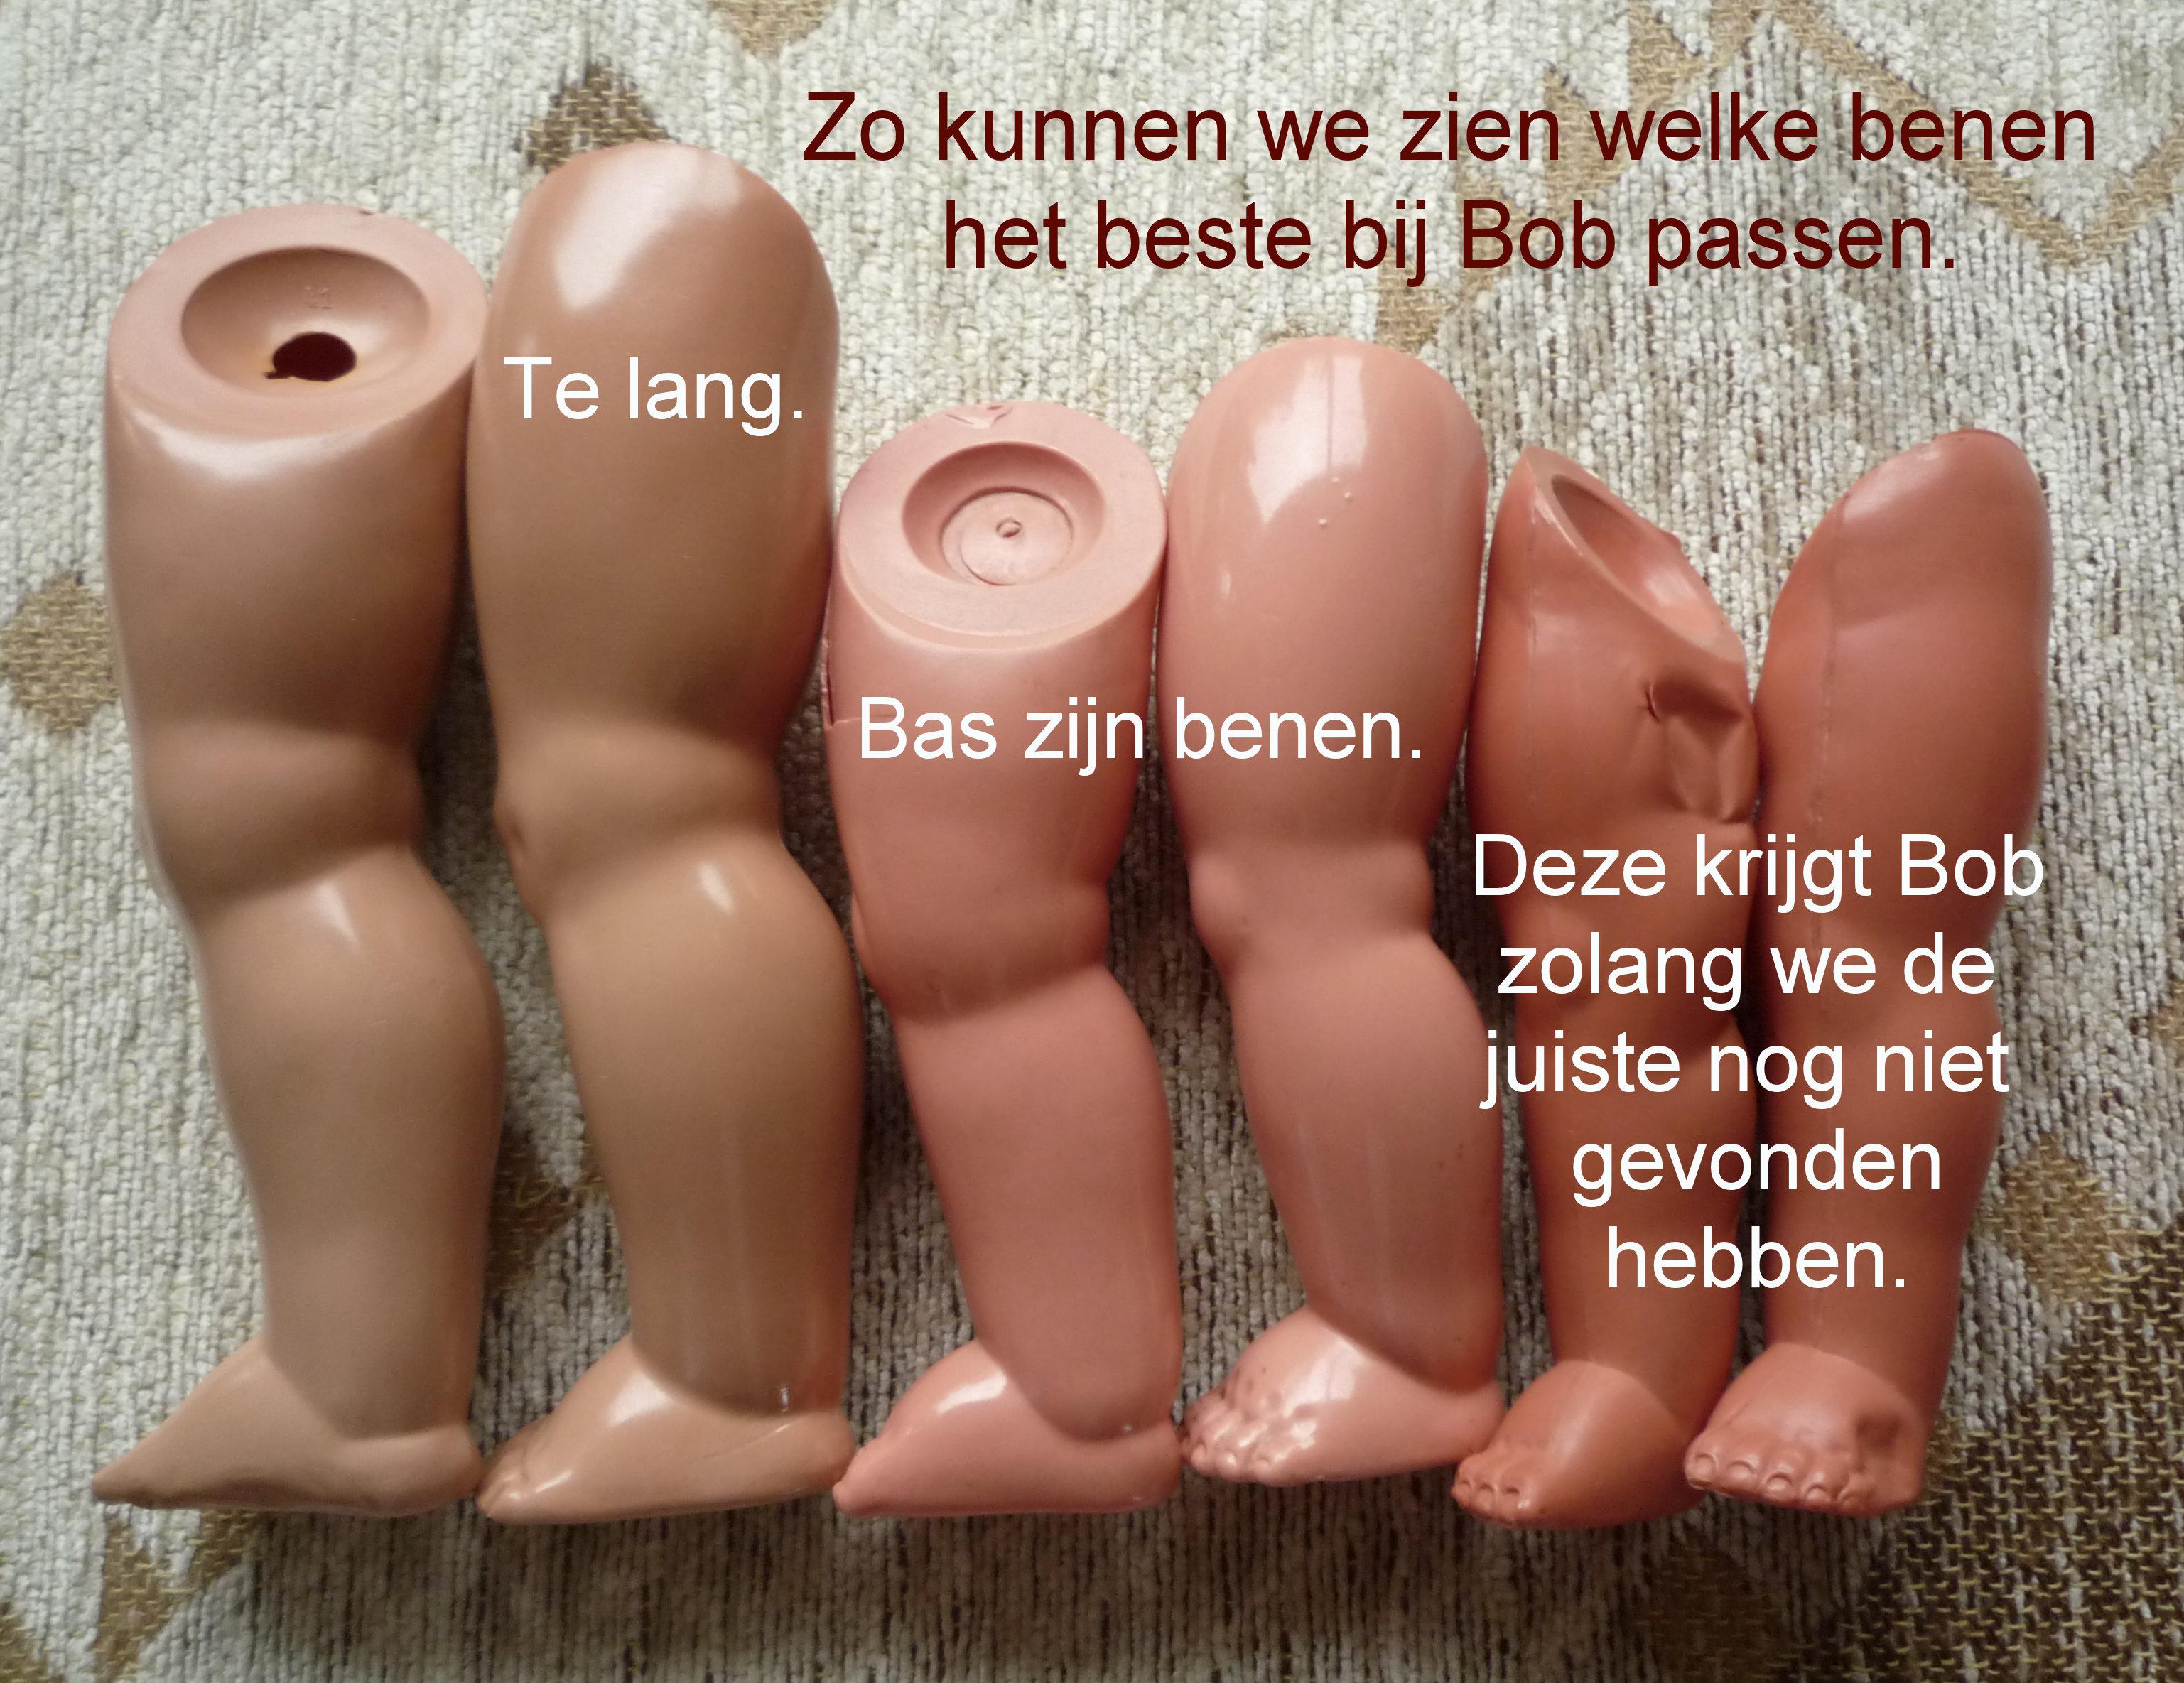 https://welkepopisdat.nl/afbeeldingen-Forum/DurvinaFotos/Bob%20en%20Bas%20(4).JPG